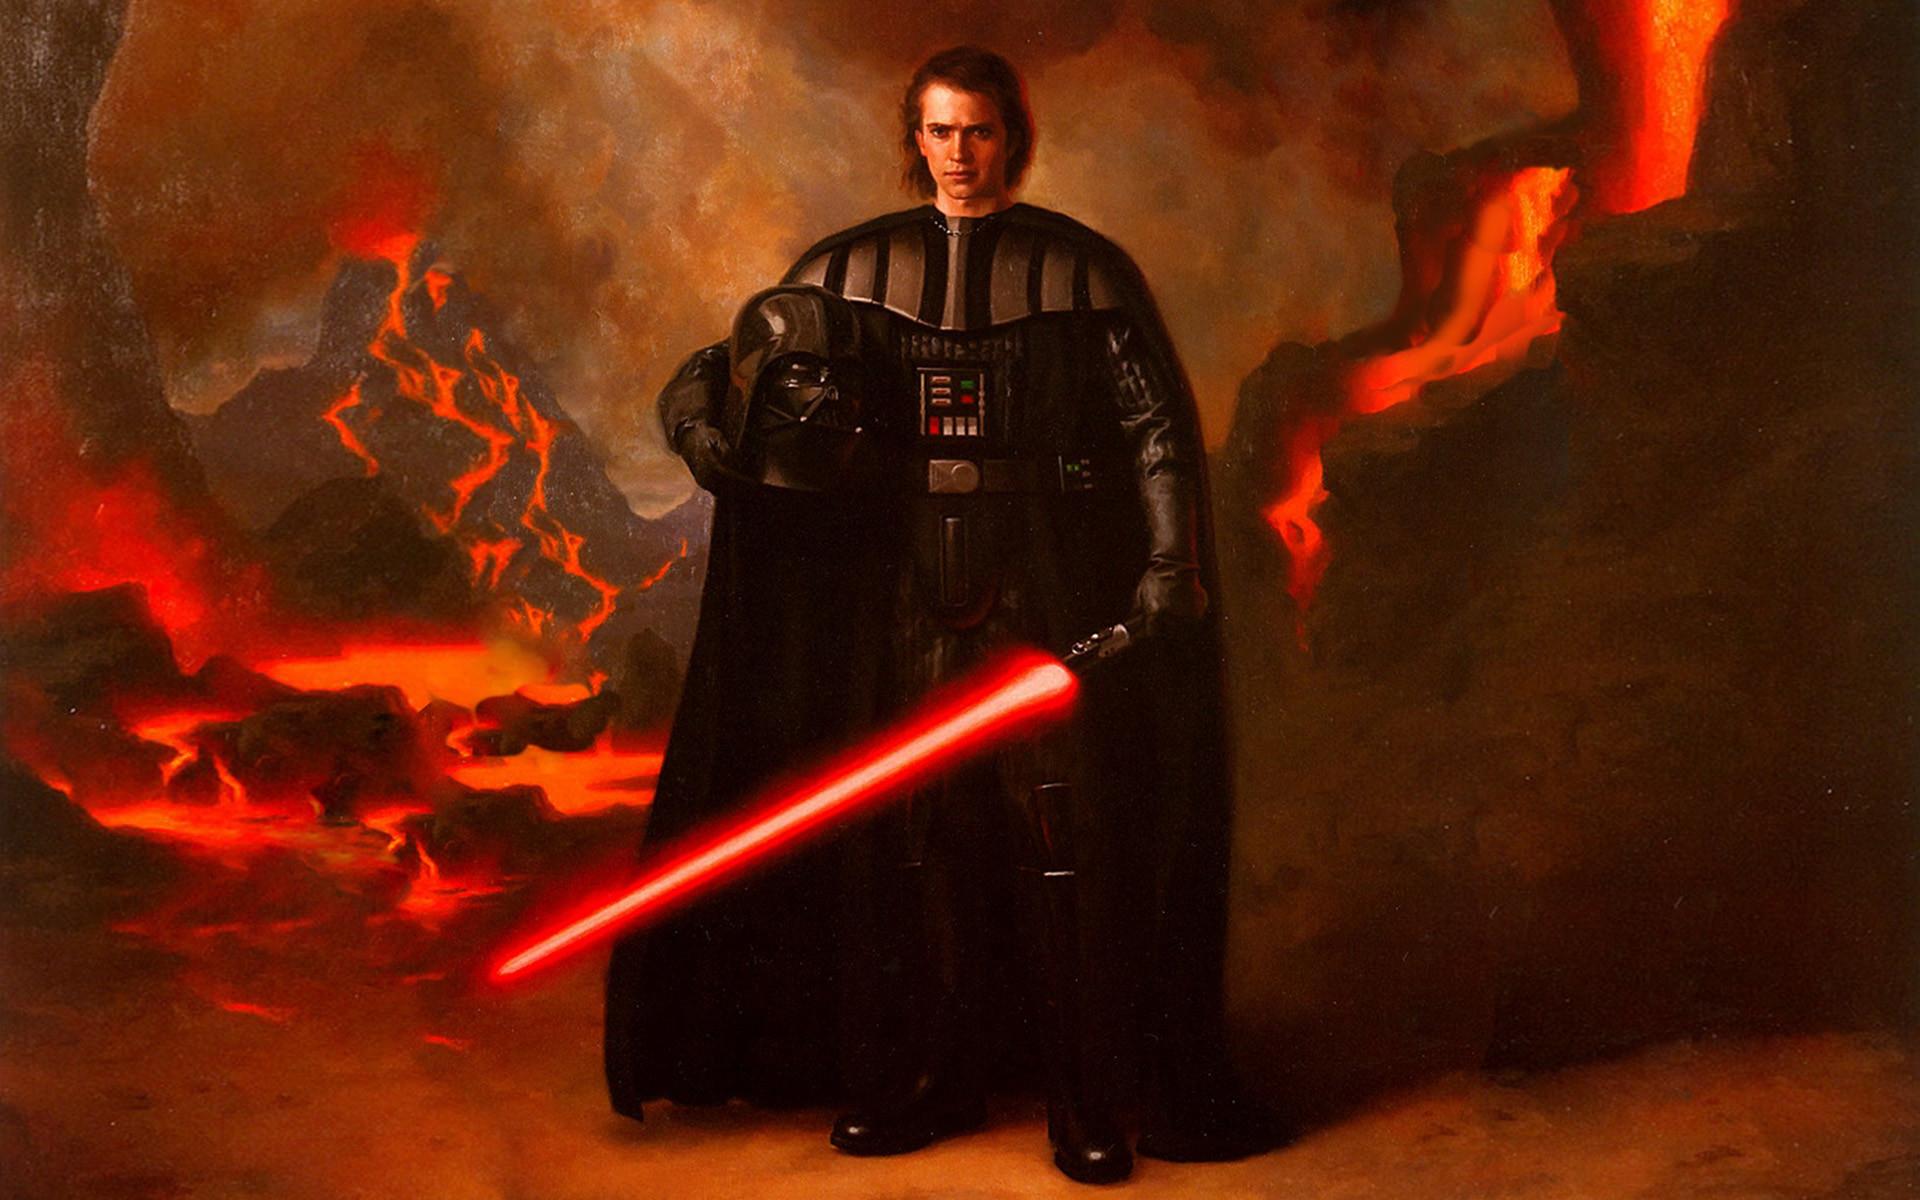 2560x1600 Luke Skywalker A HD Wallpaper